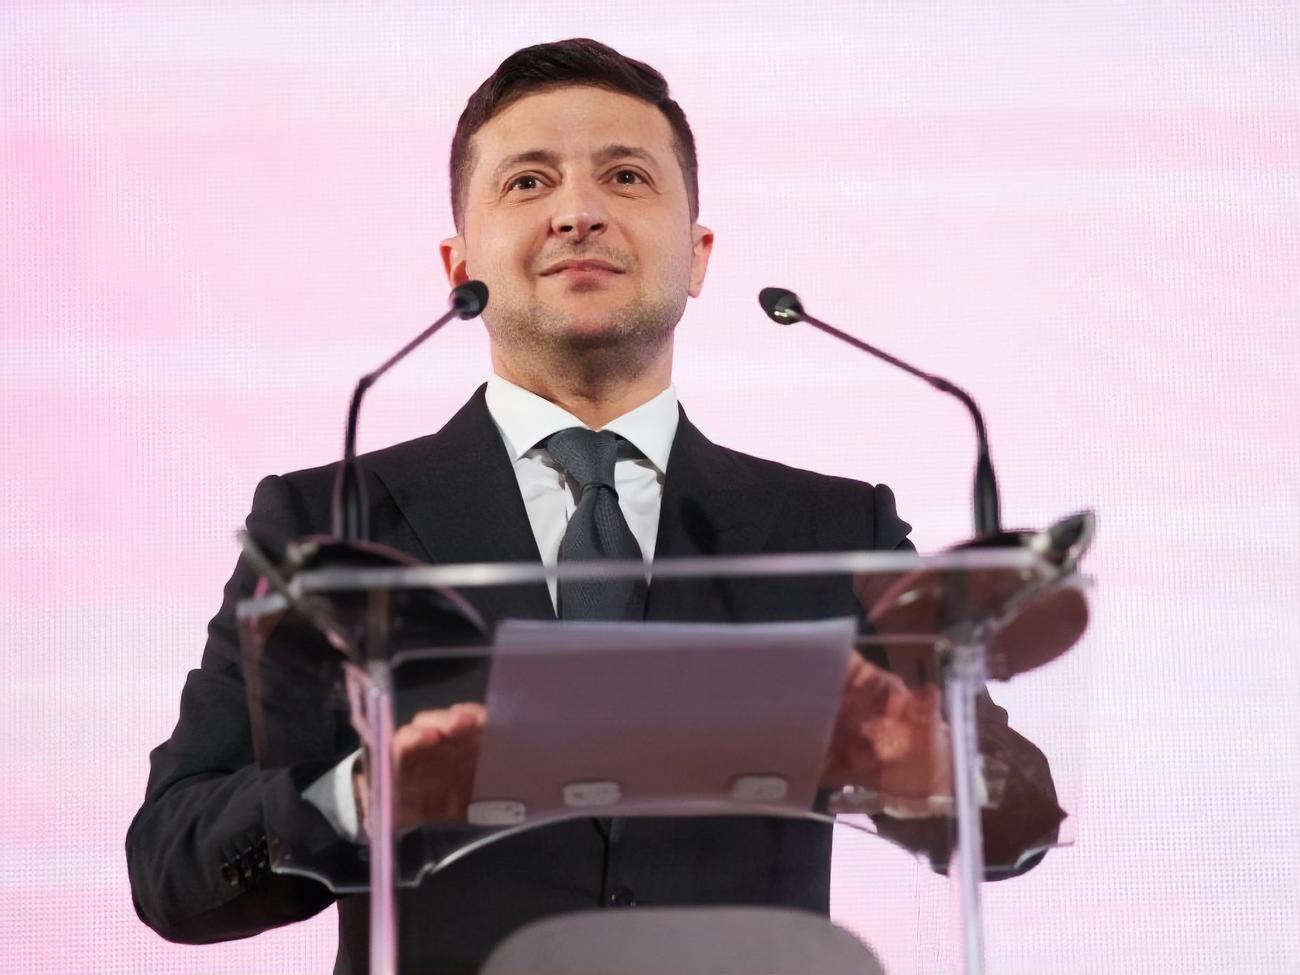 Стало известно об участии Зеленского в Мюнхенской конференции по безопасности 2020